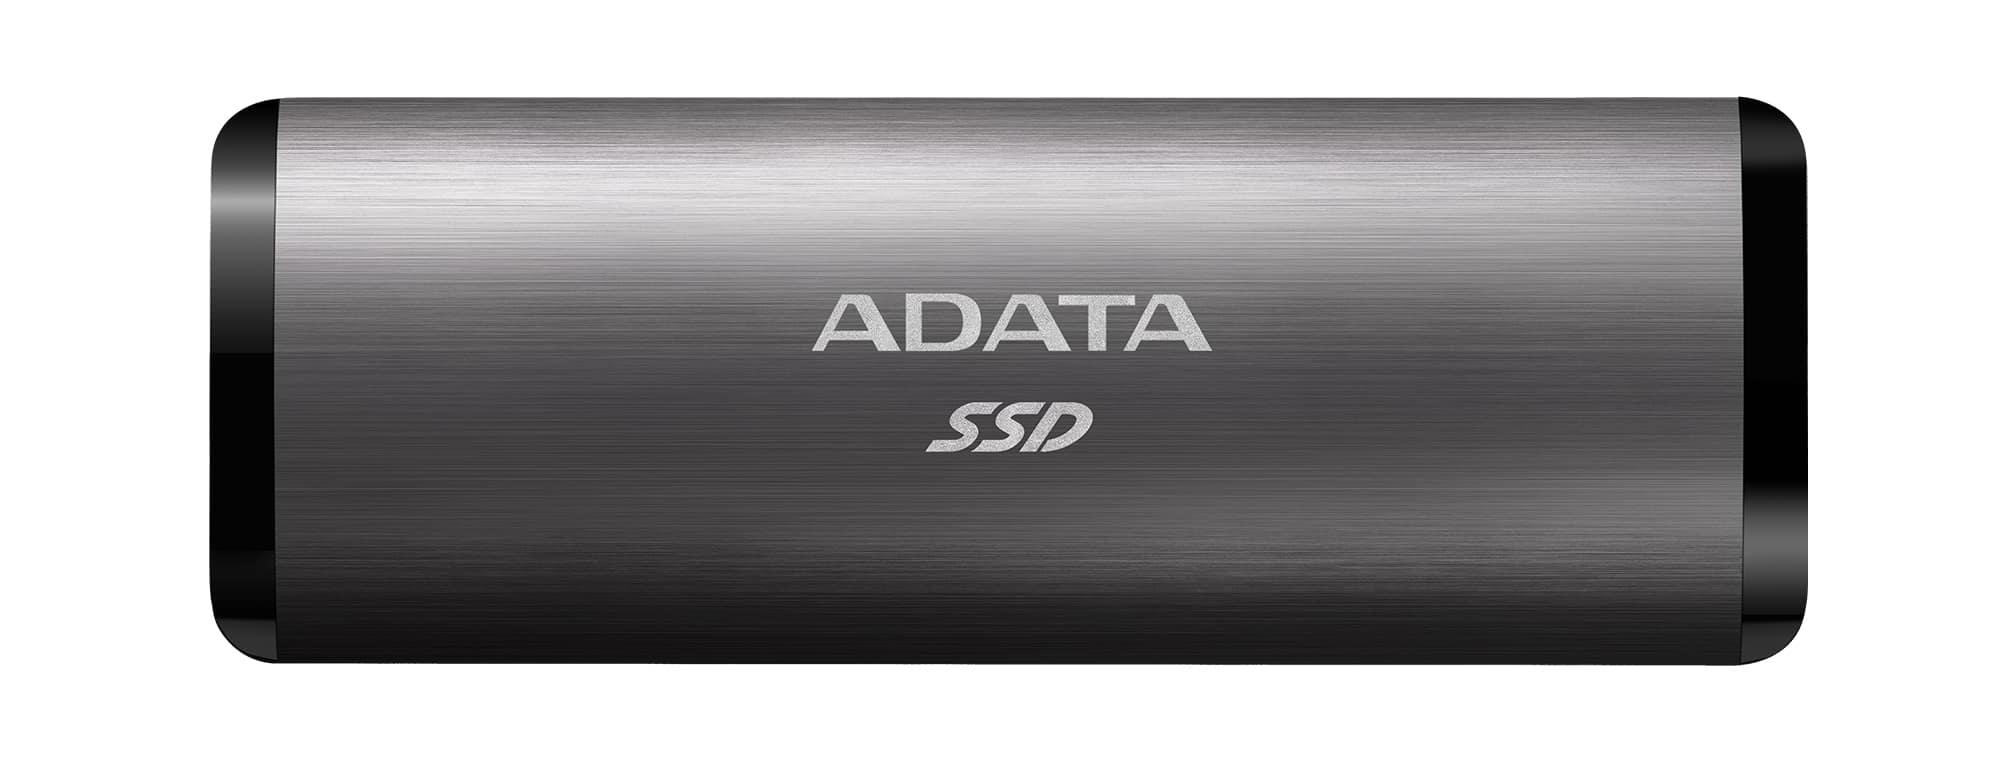 ADATA SE760 2000 GB Grigio, Titanio